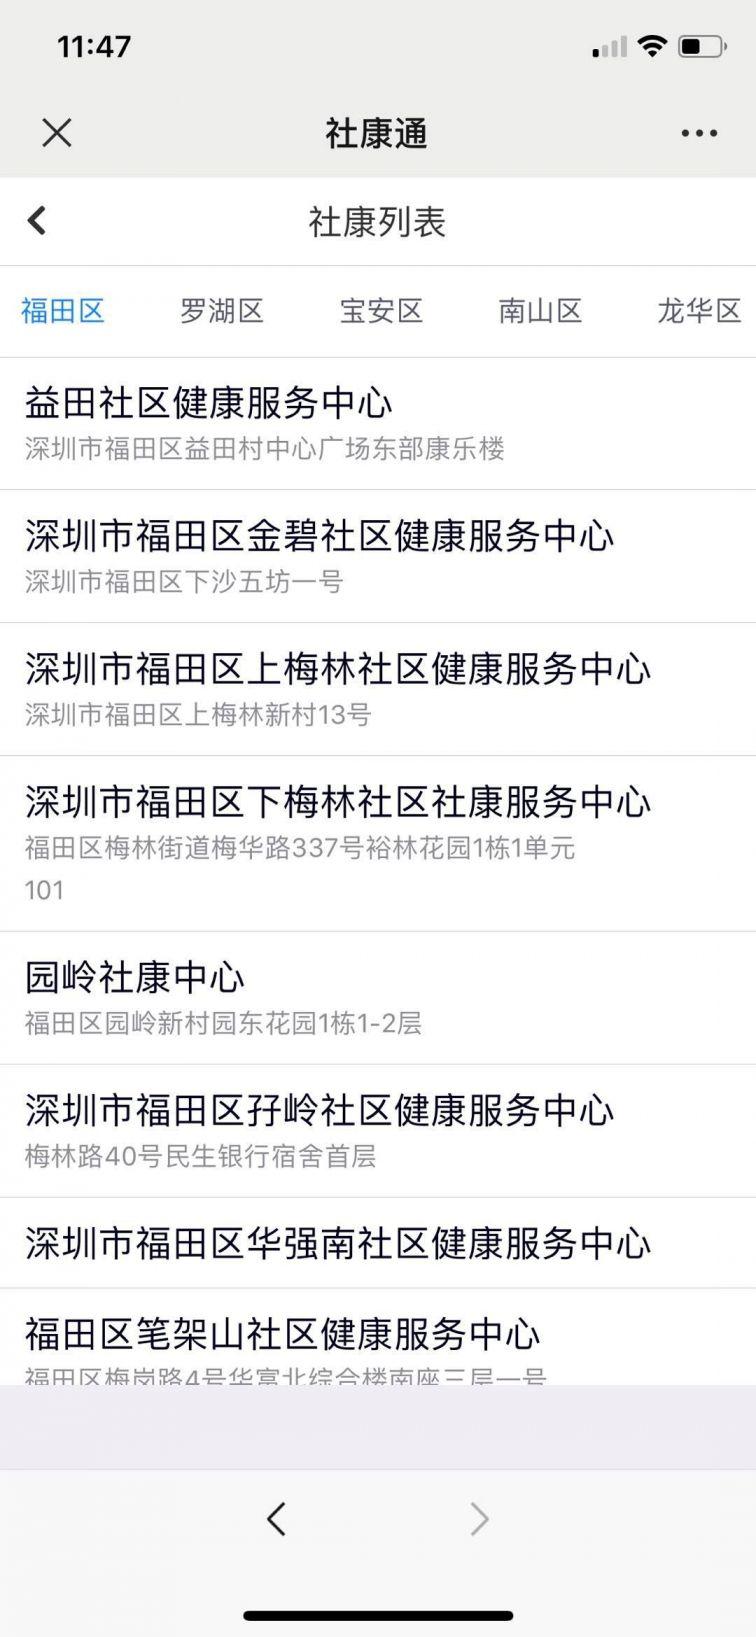 深圳外出健康证明怎么开